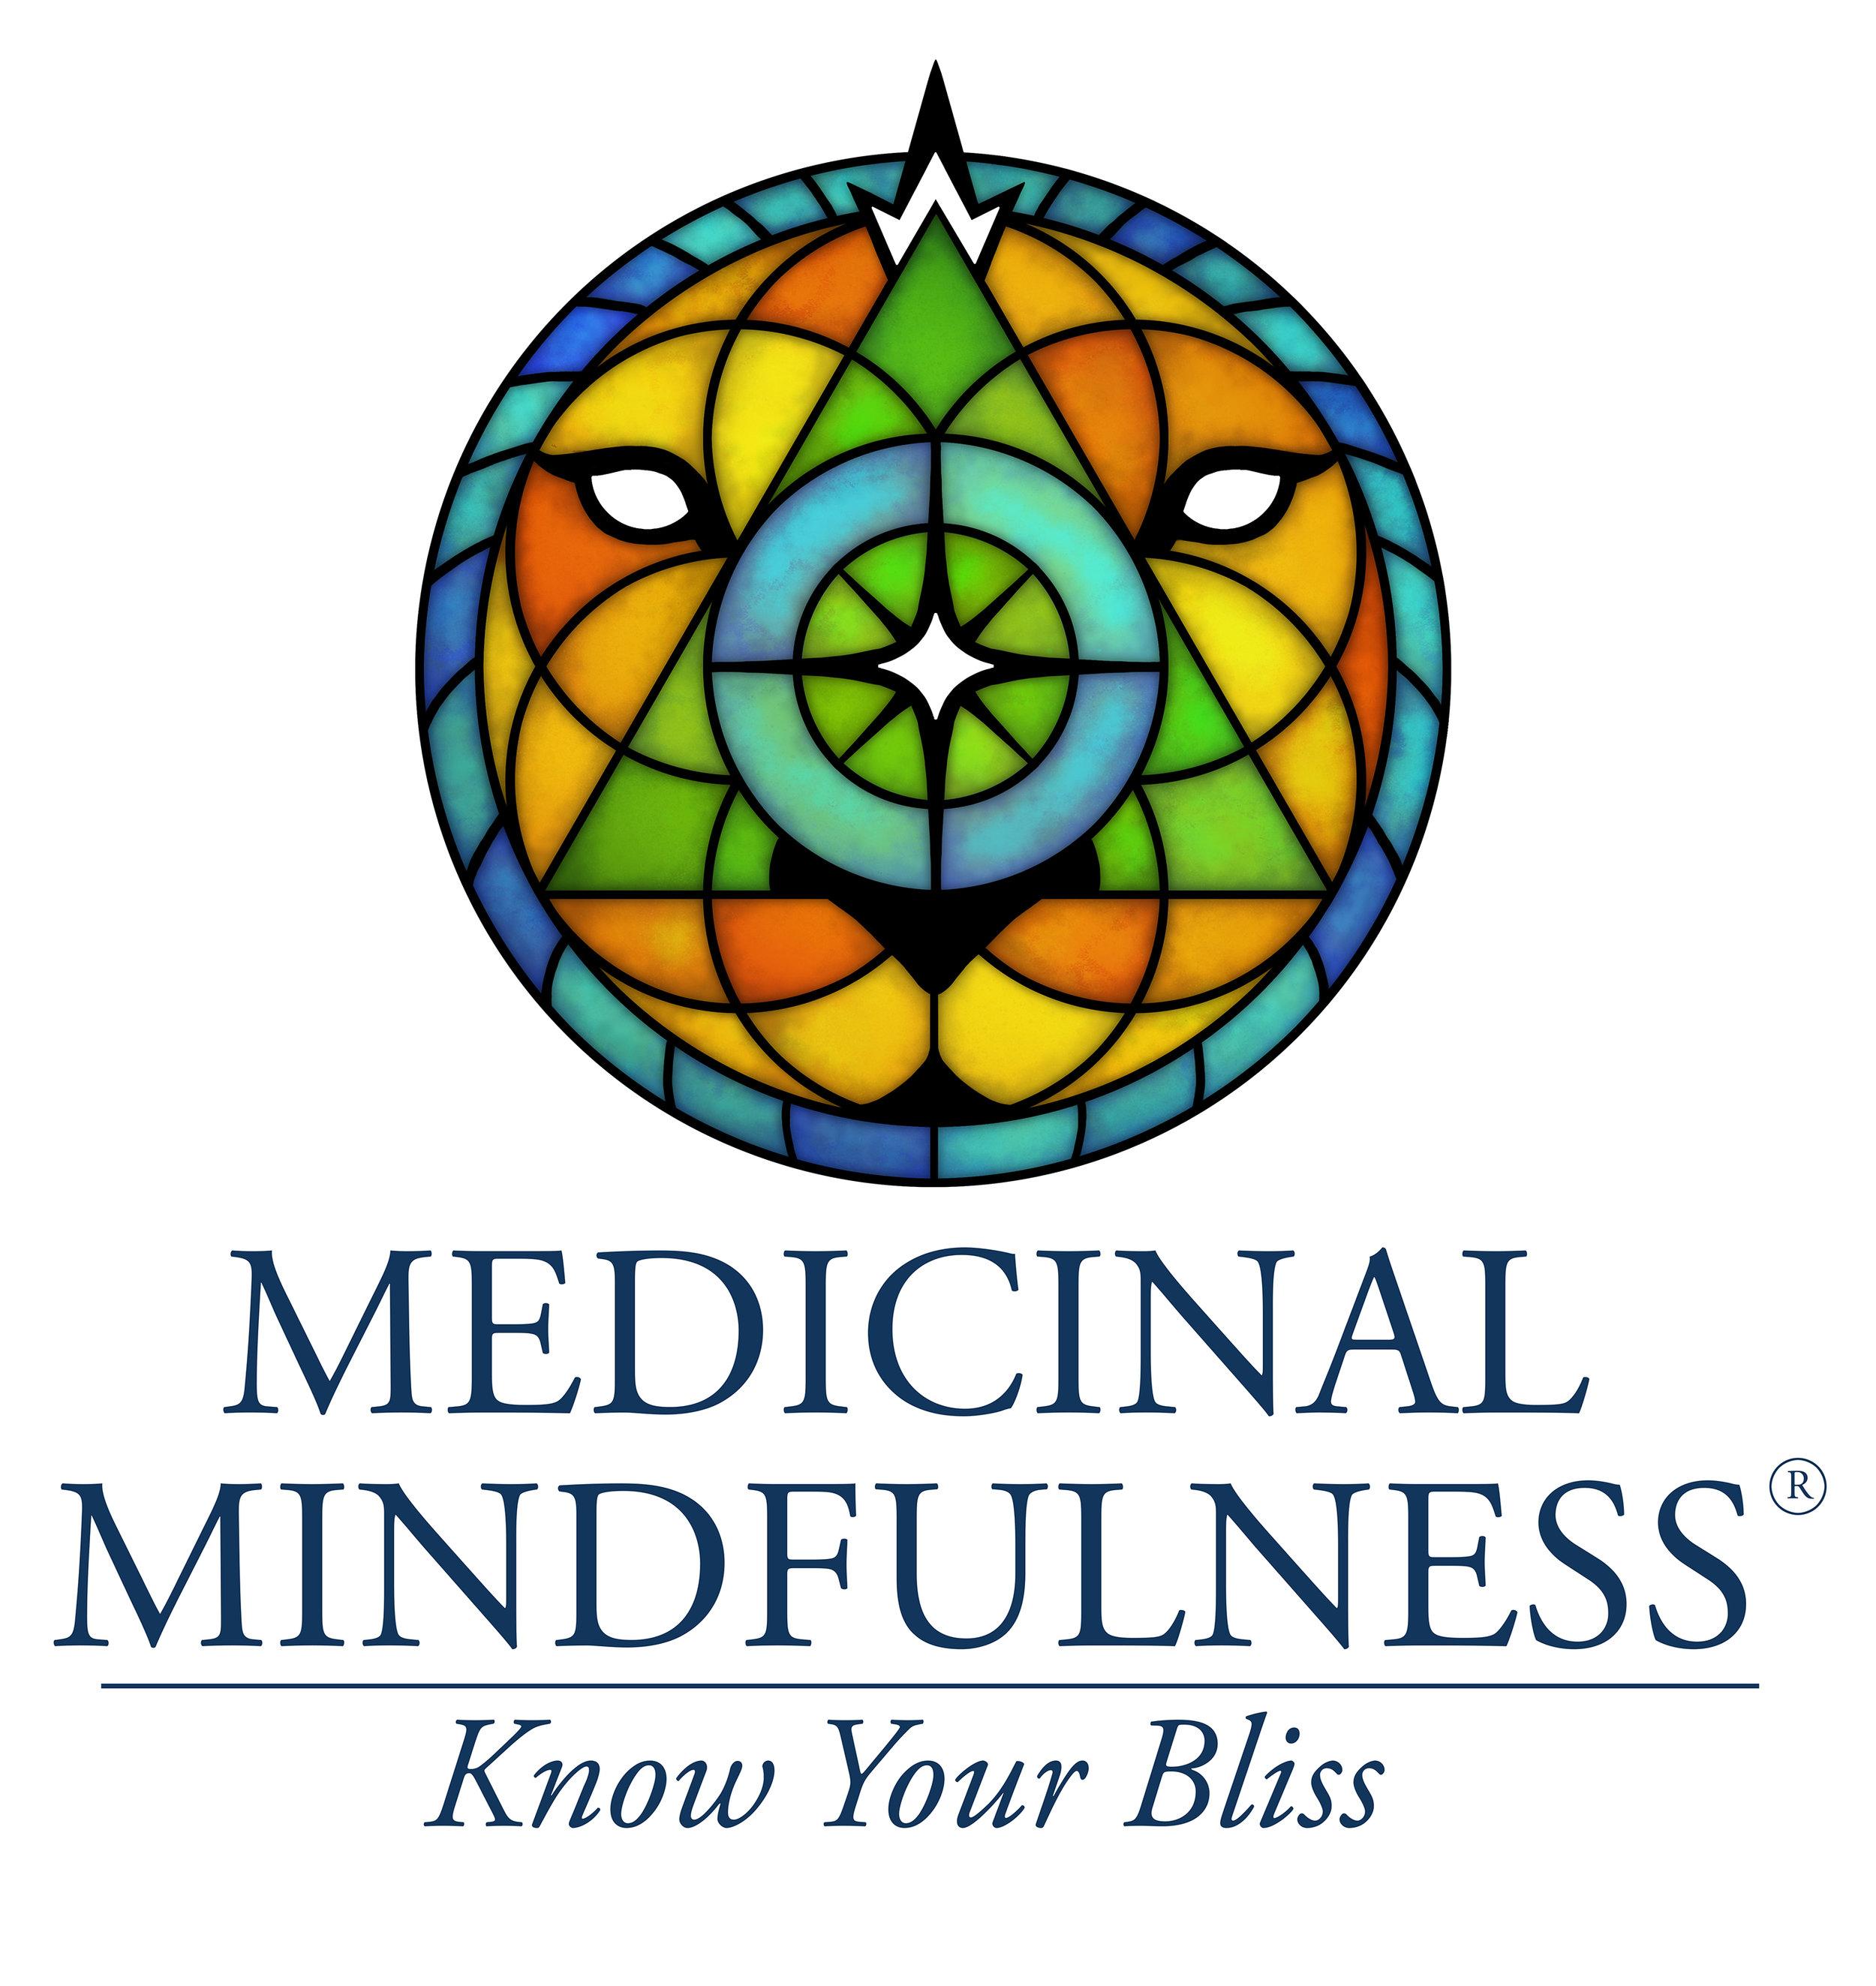 Center-for-Medicinal-Mindfulness-Boulder-Colorado.jpg